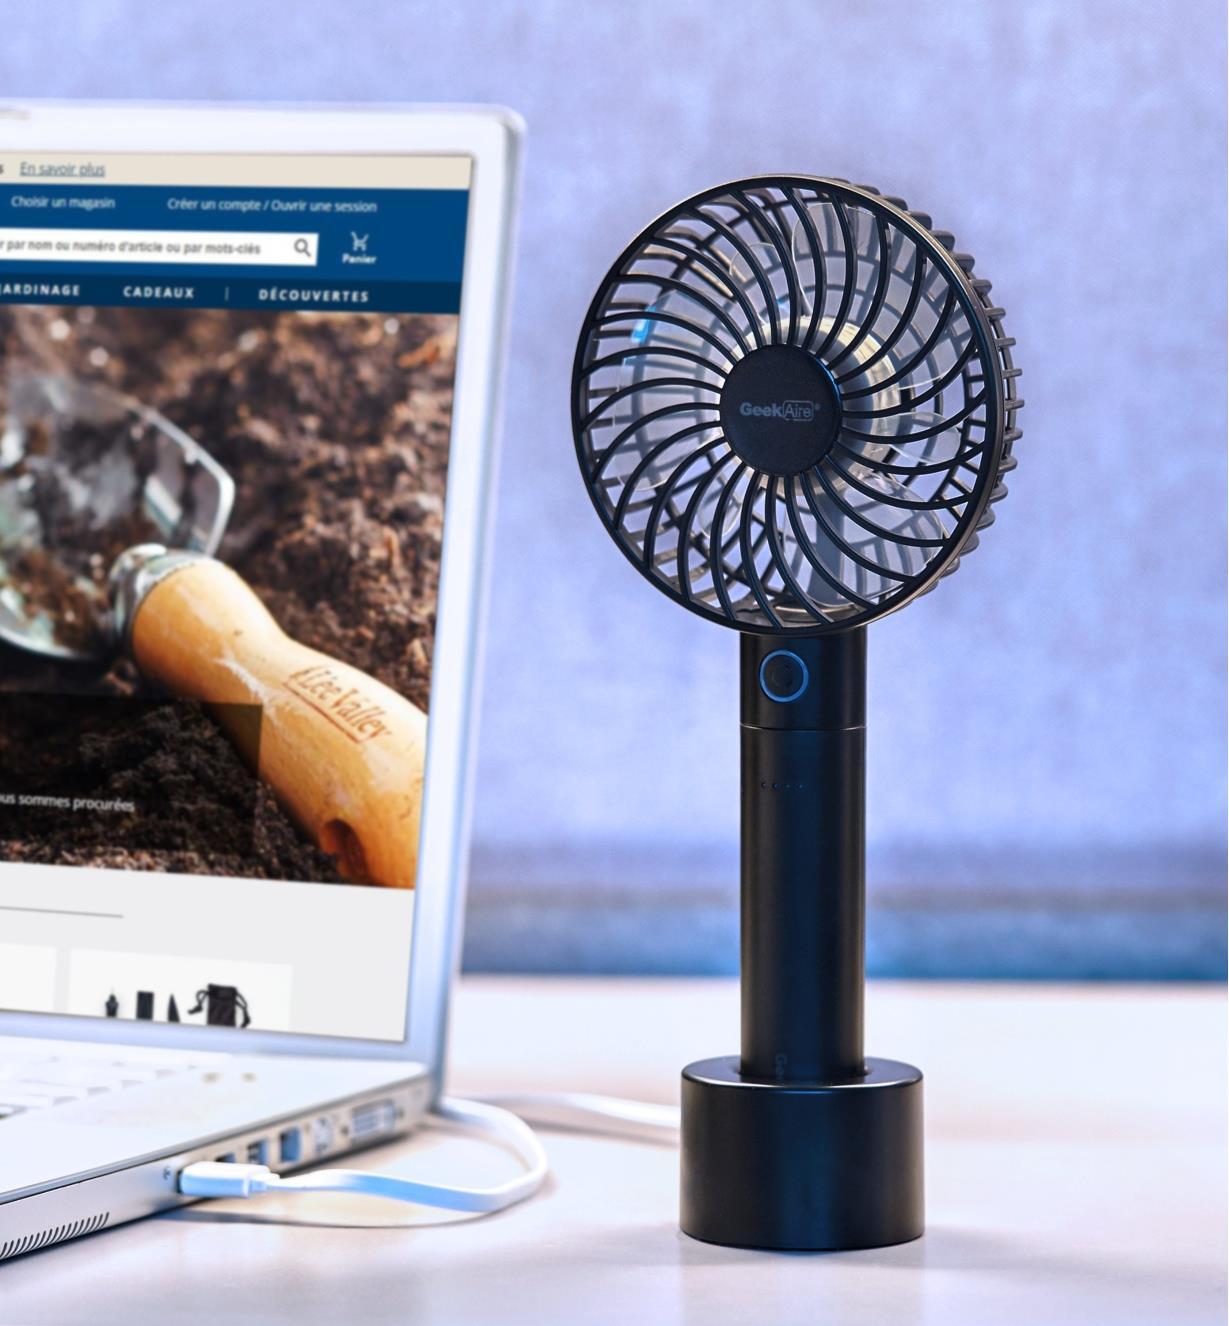 Mini ventilateur turbo rechargeable sur sa base antidérapante à côté d'un ordinateur portable sur un bureau